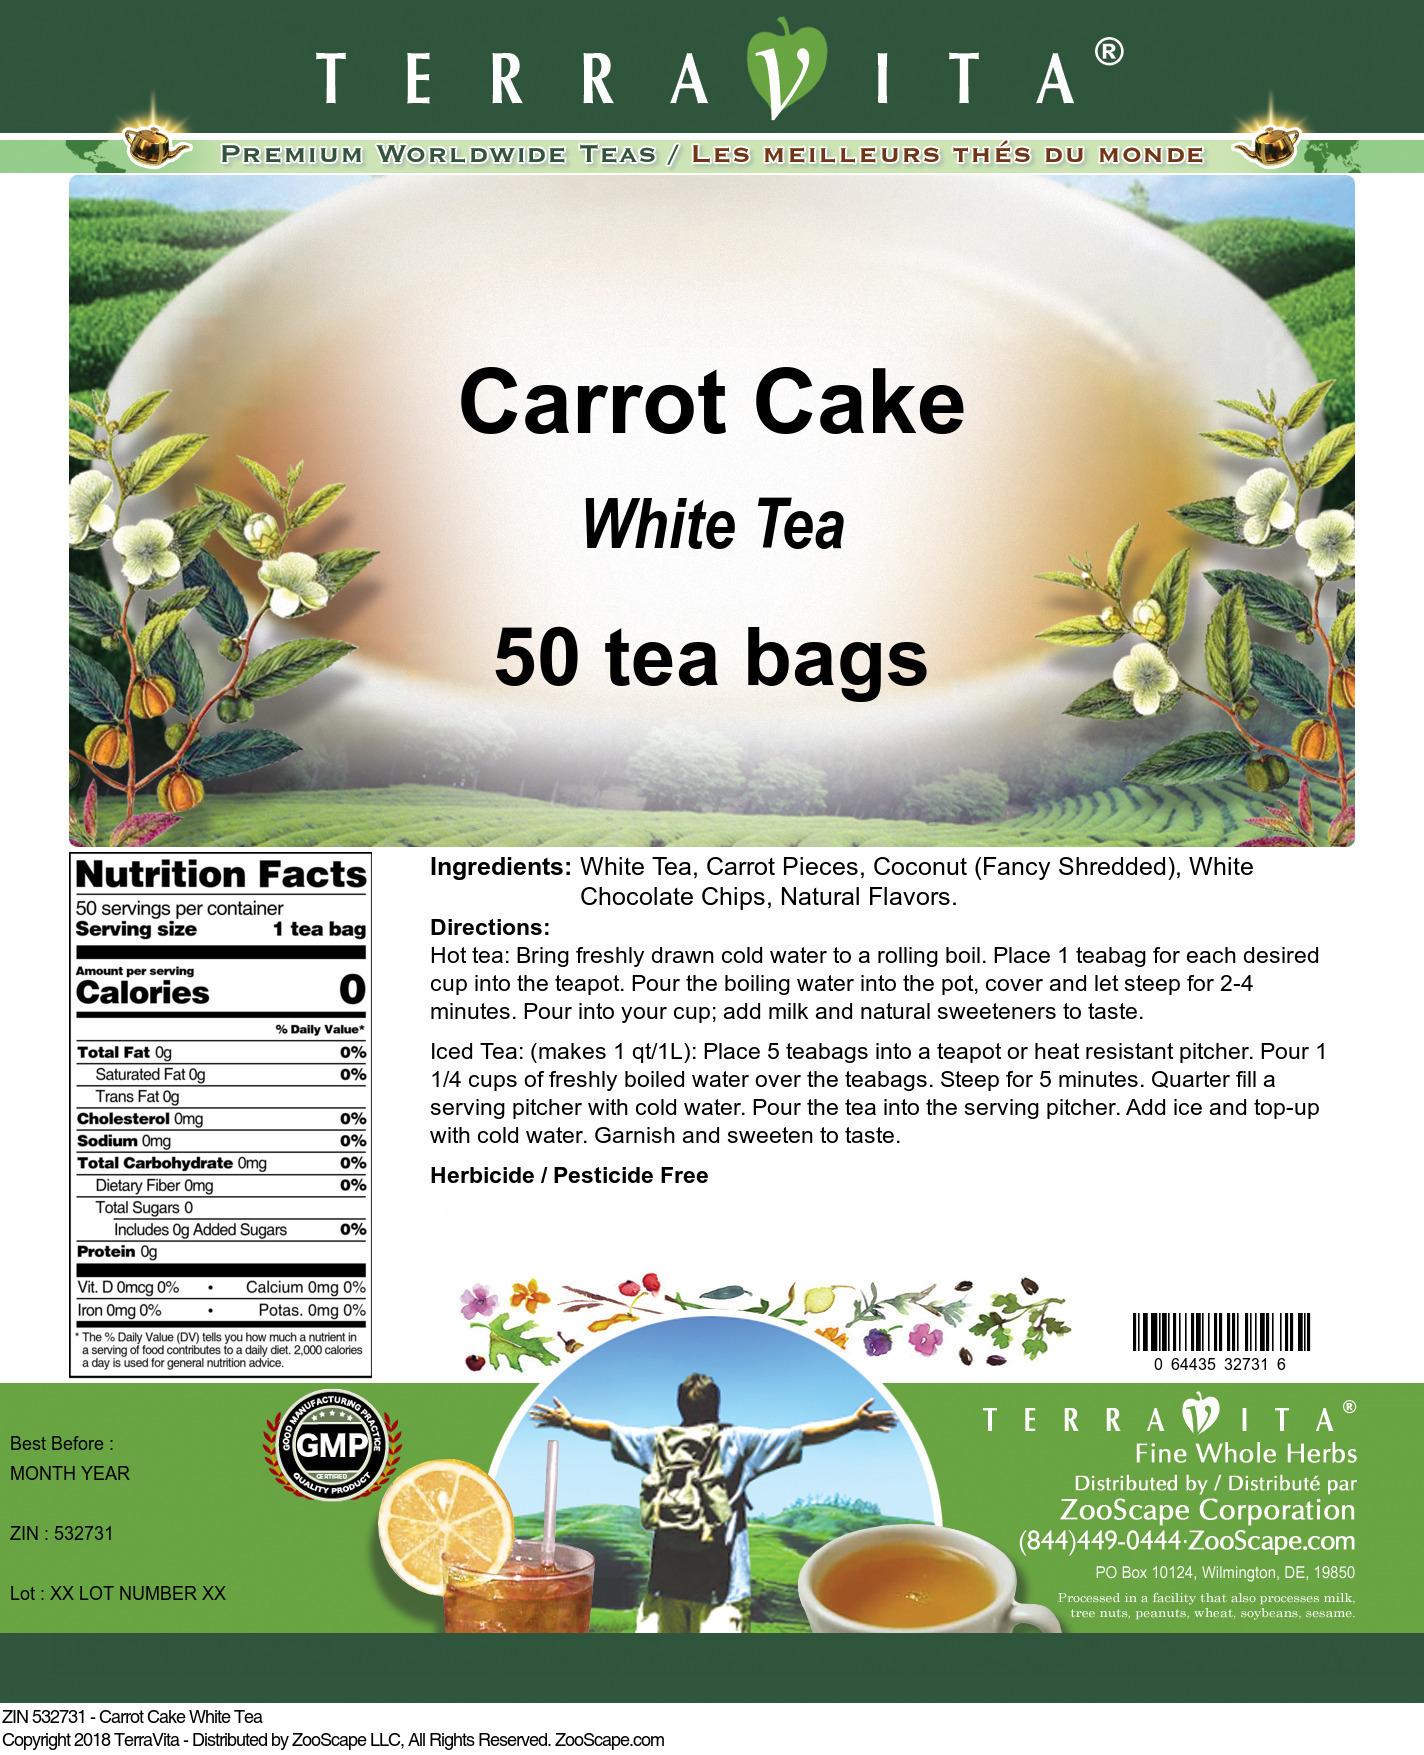 Carrot Cake White Tea